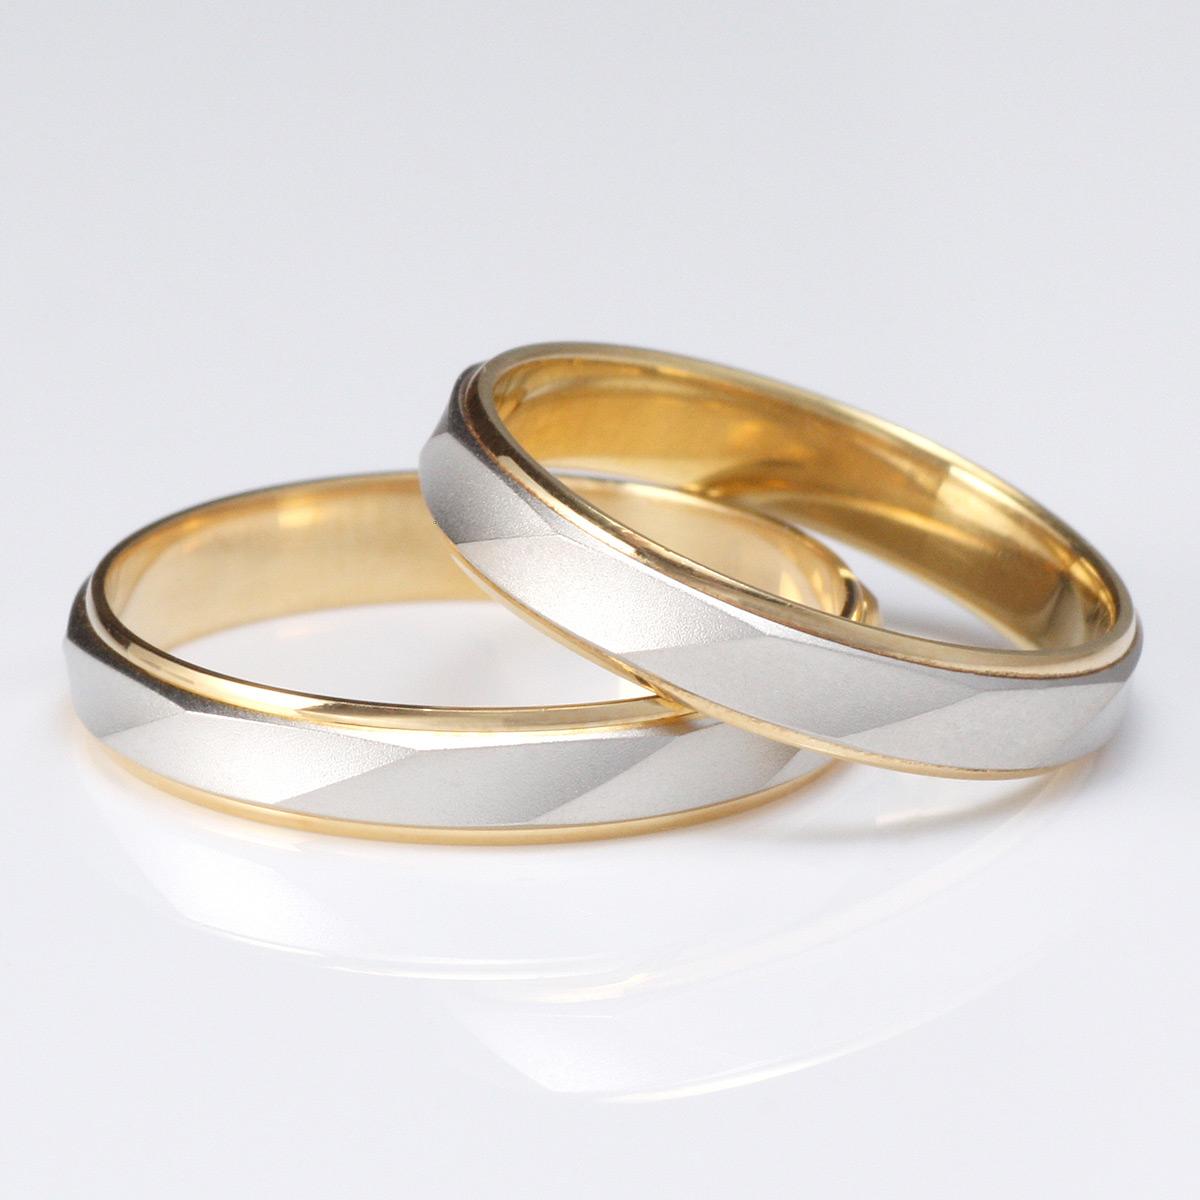 ペアリング シンプル 結婚指輪 マリッジリング ペアリング プラチナ ゴールド 2本セット